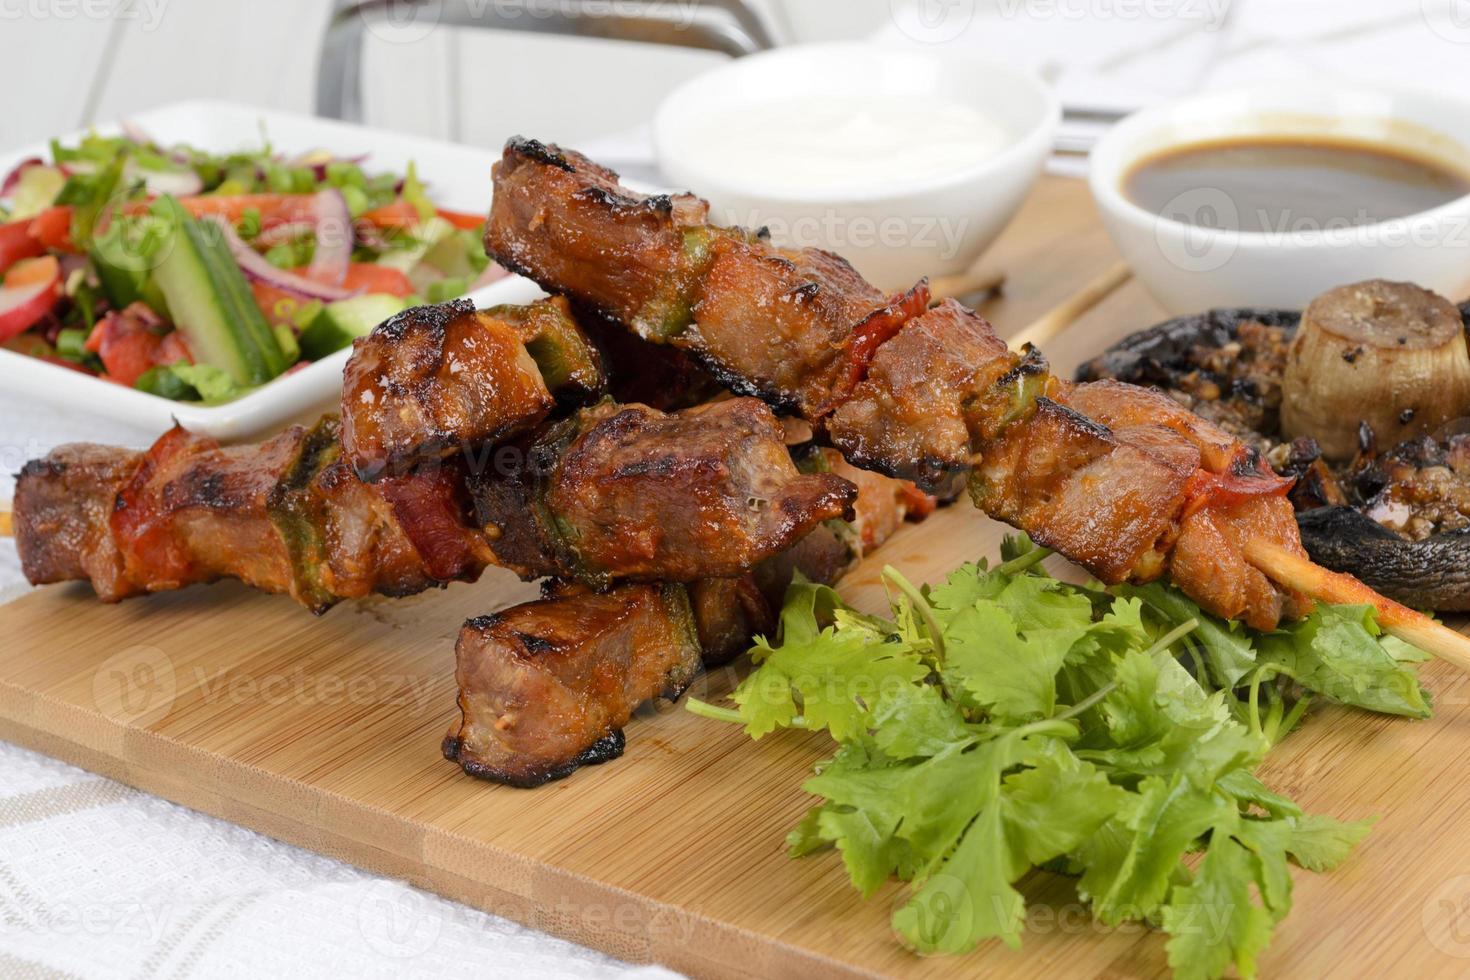 espetadas de carne de porco vitrificada para churrasco foto